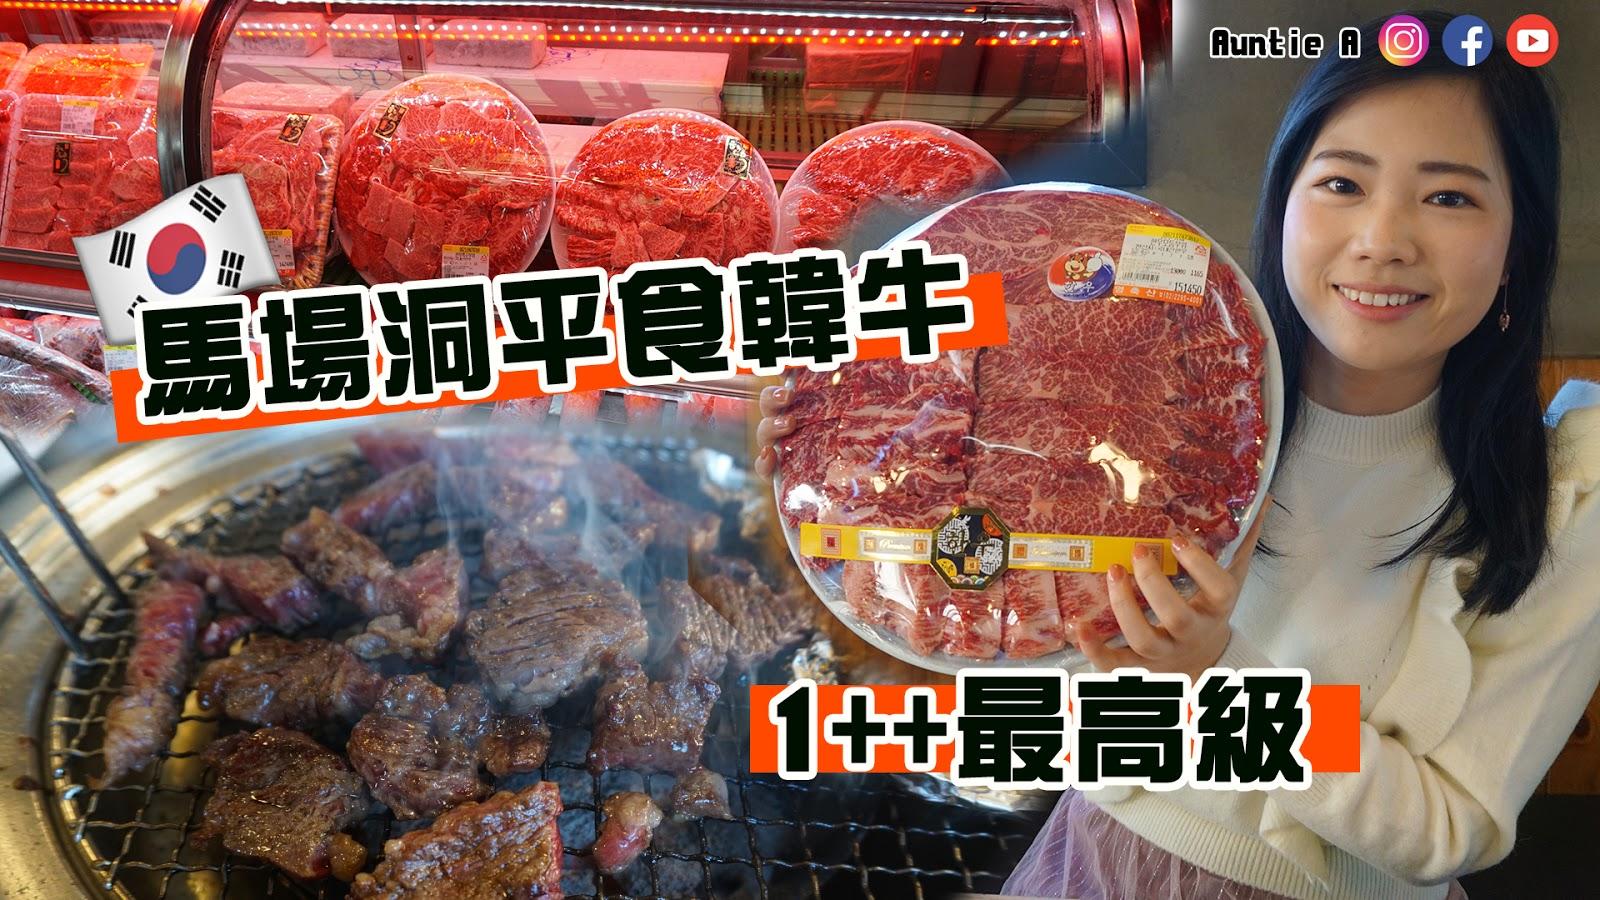 【韓國美食2020】吃頂級韓牛去!1++ 最高級韓牛都在馬場洞!即買即烤人均不用$200!? - Auntie A